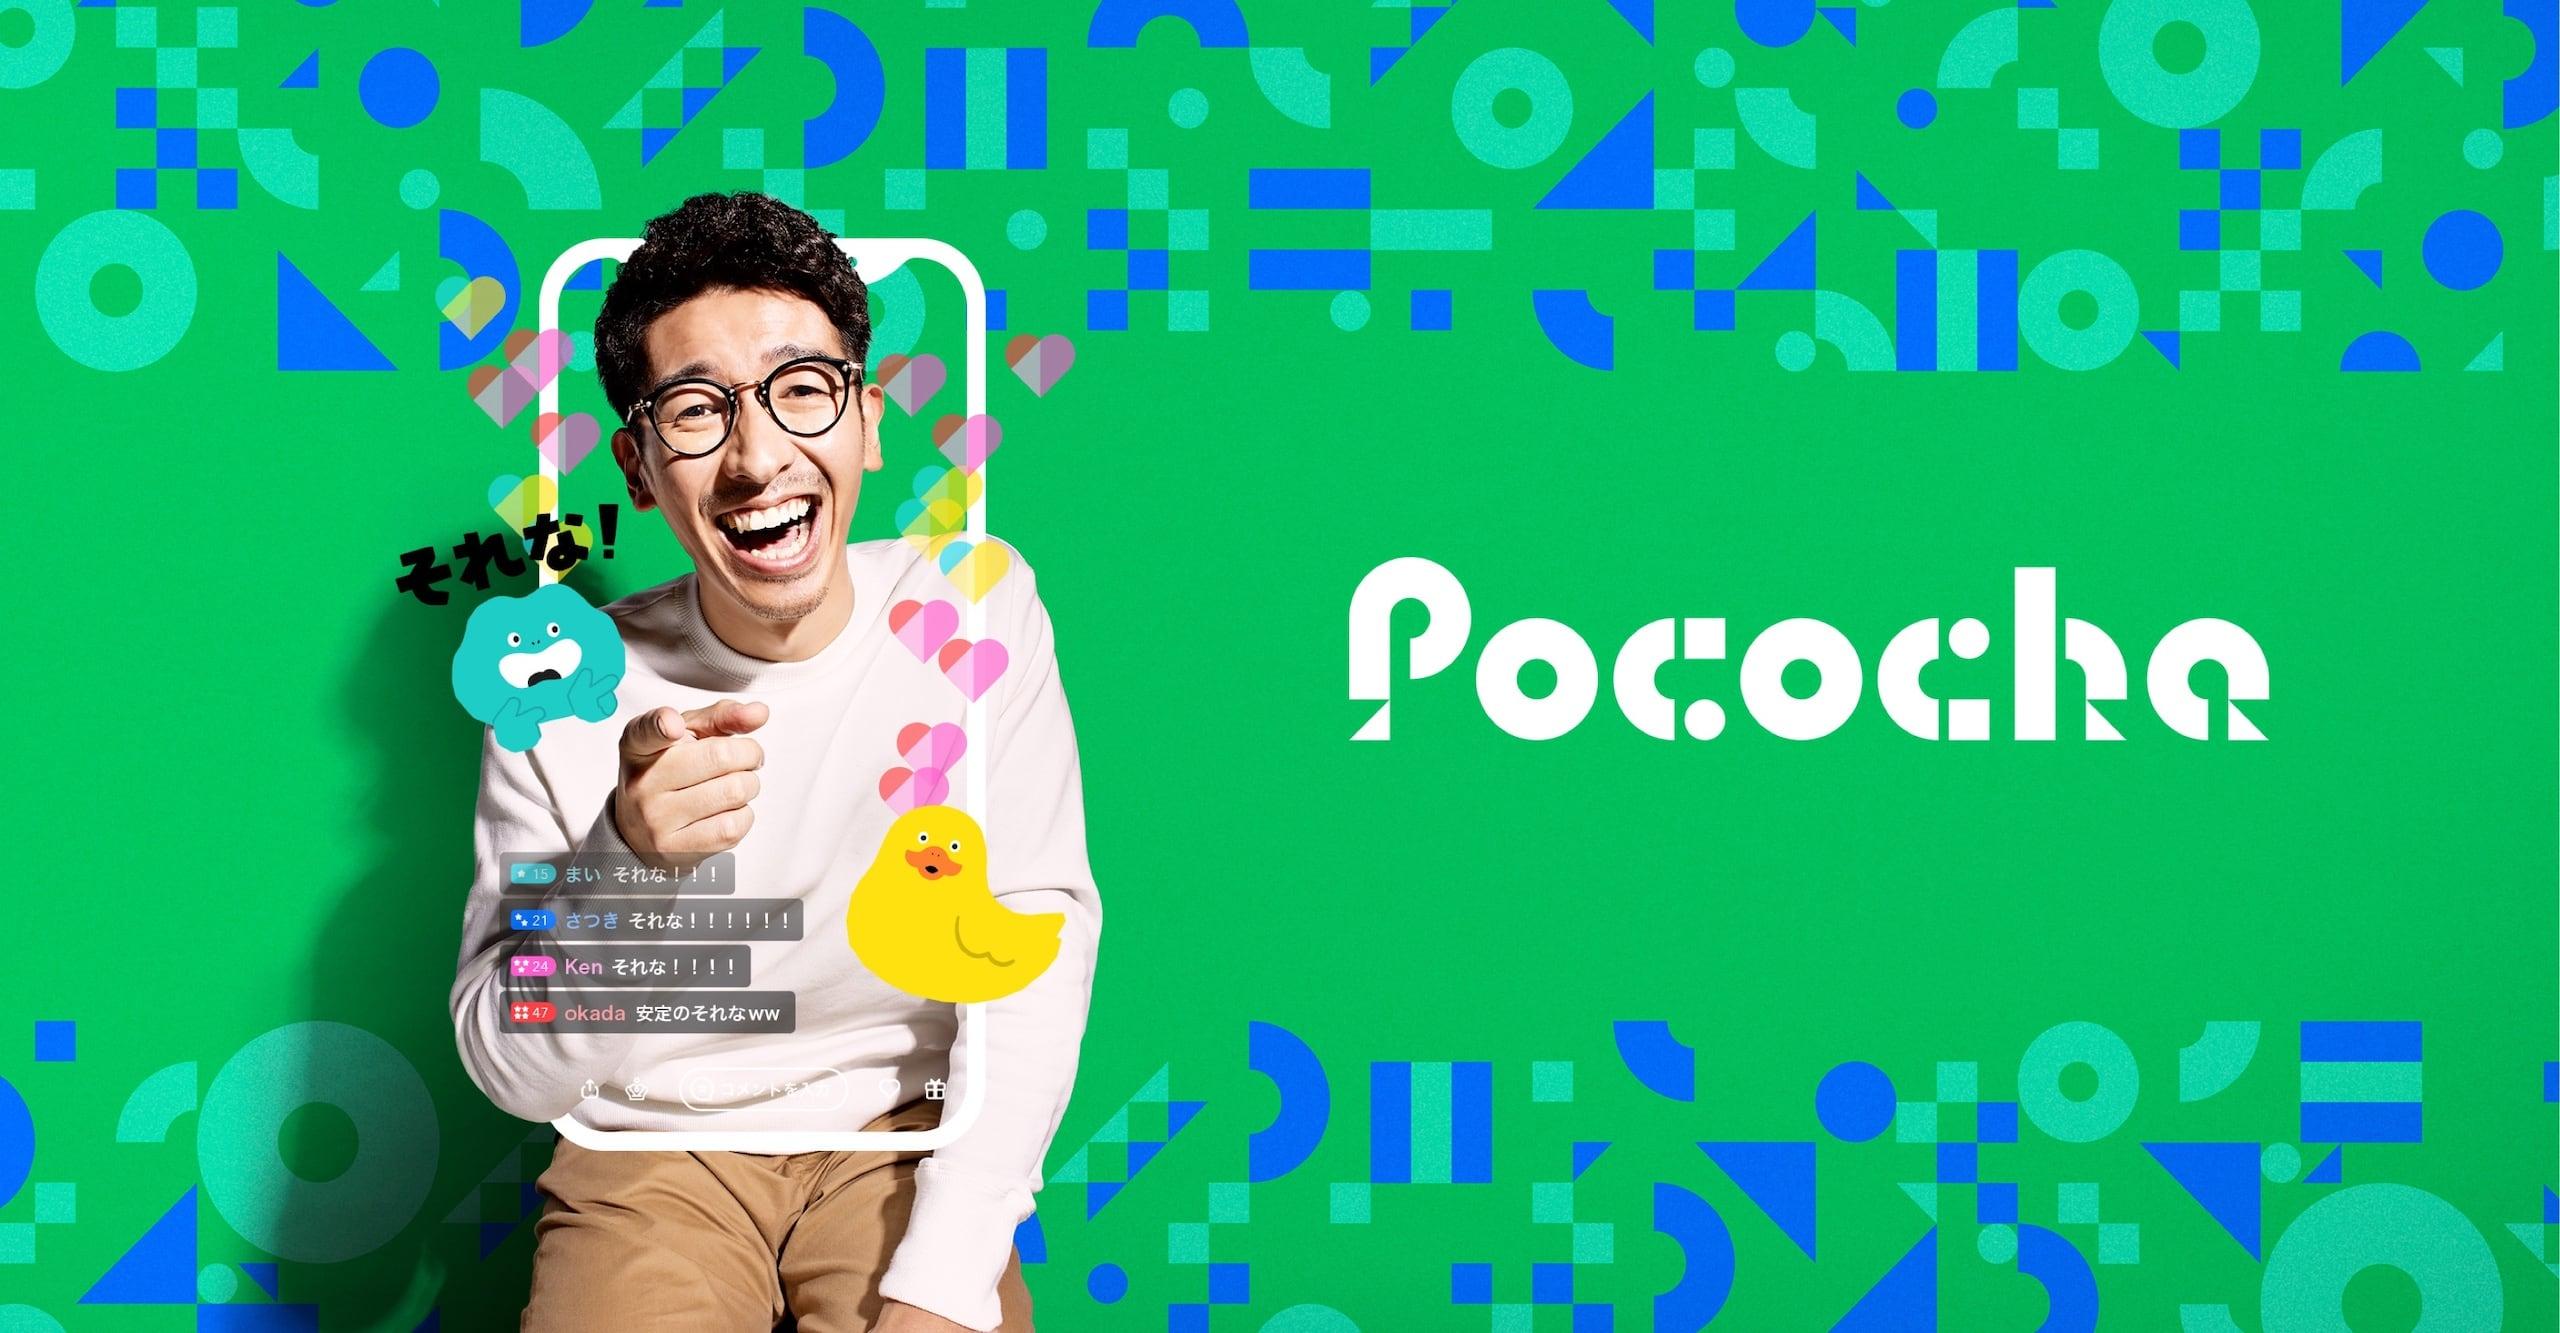 課金 Pococha